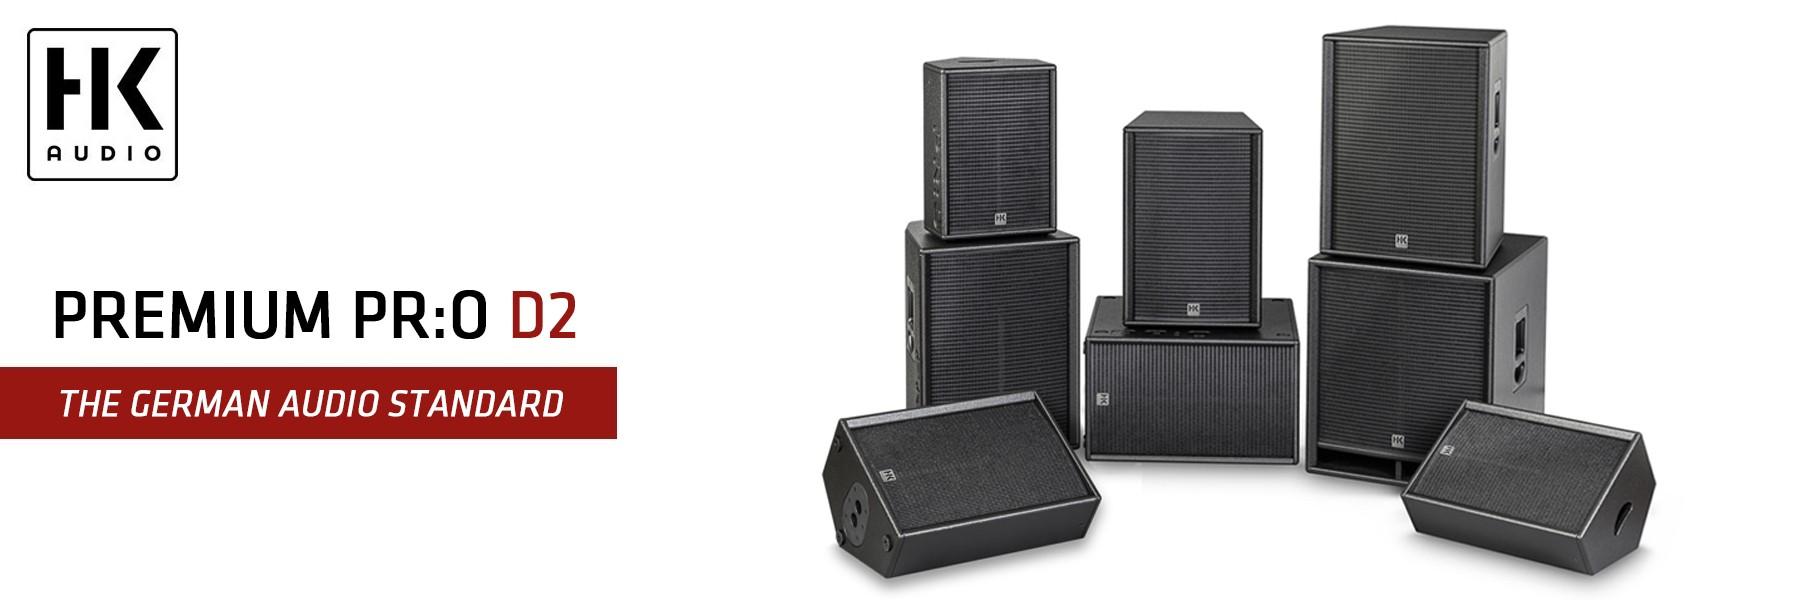 HK Audio Premium PRO D2